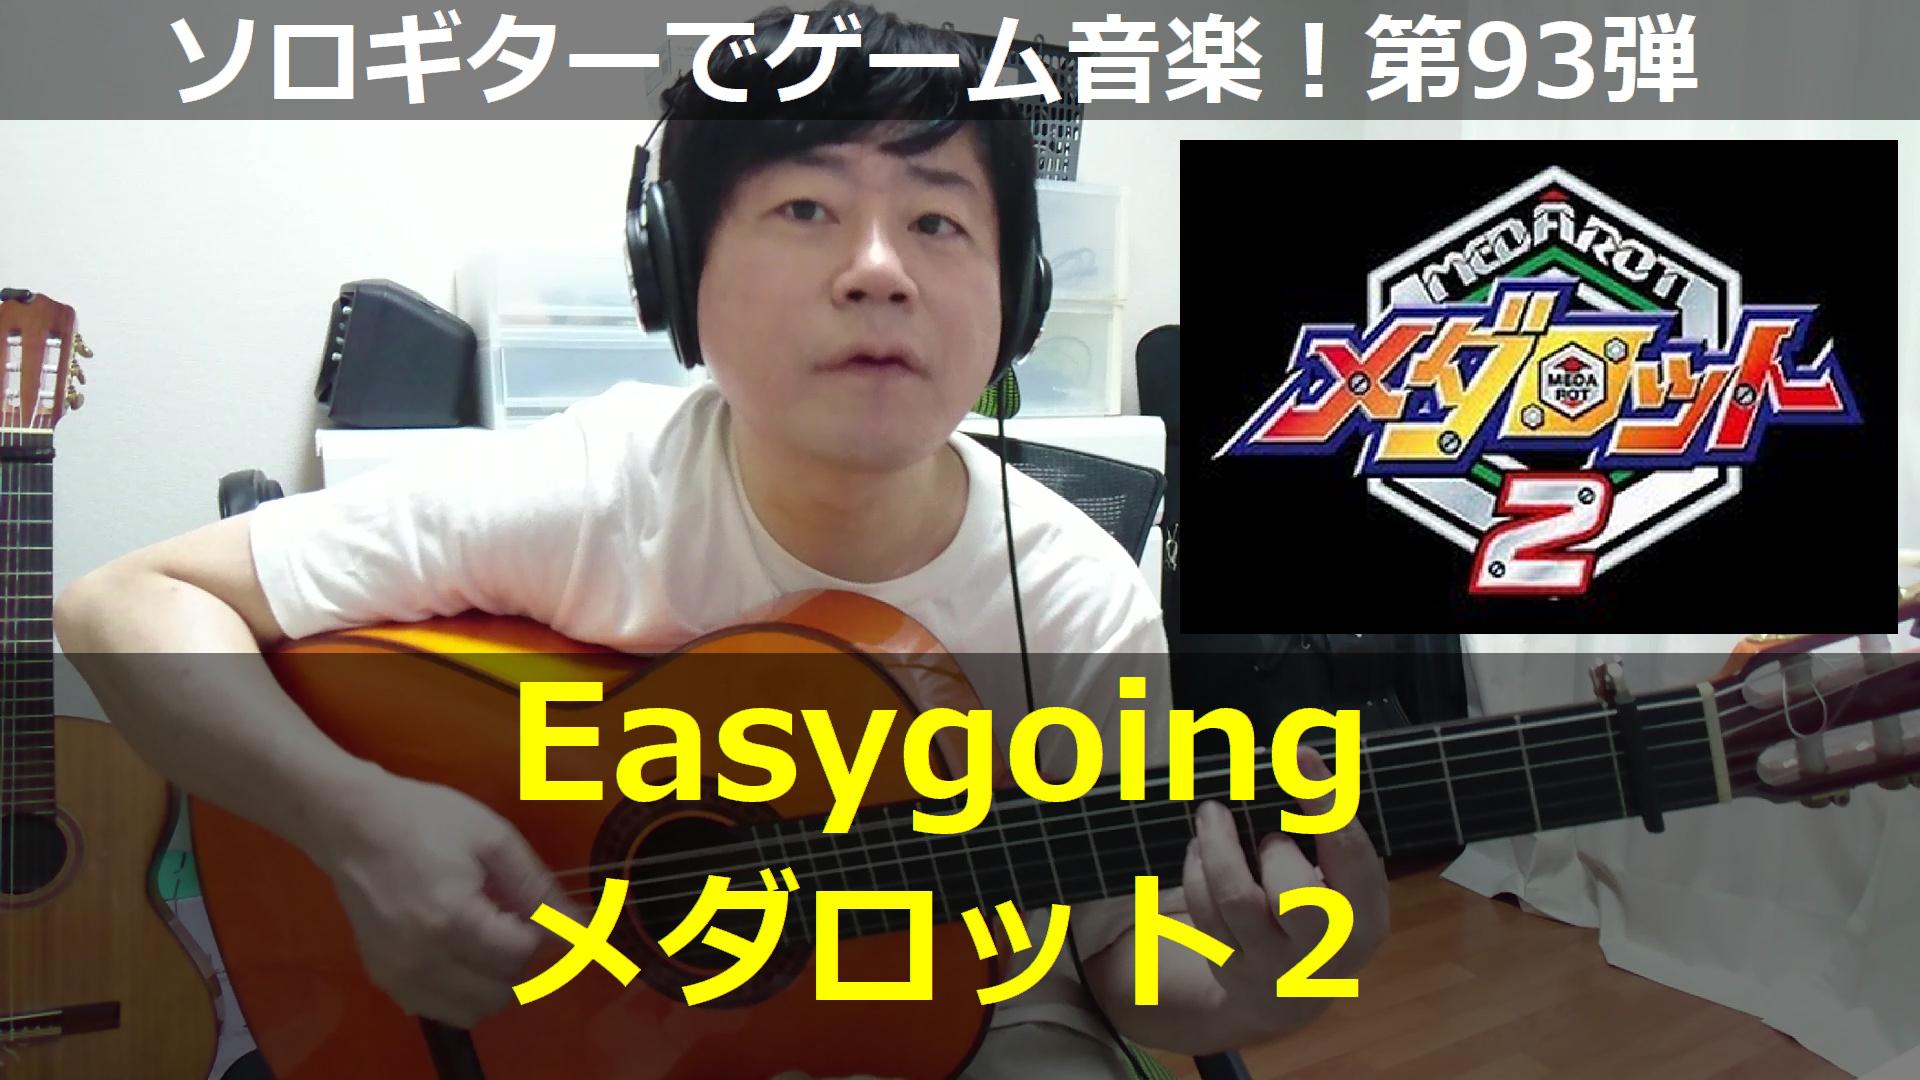 メダロット2 Easygoing